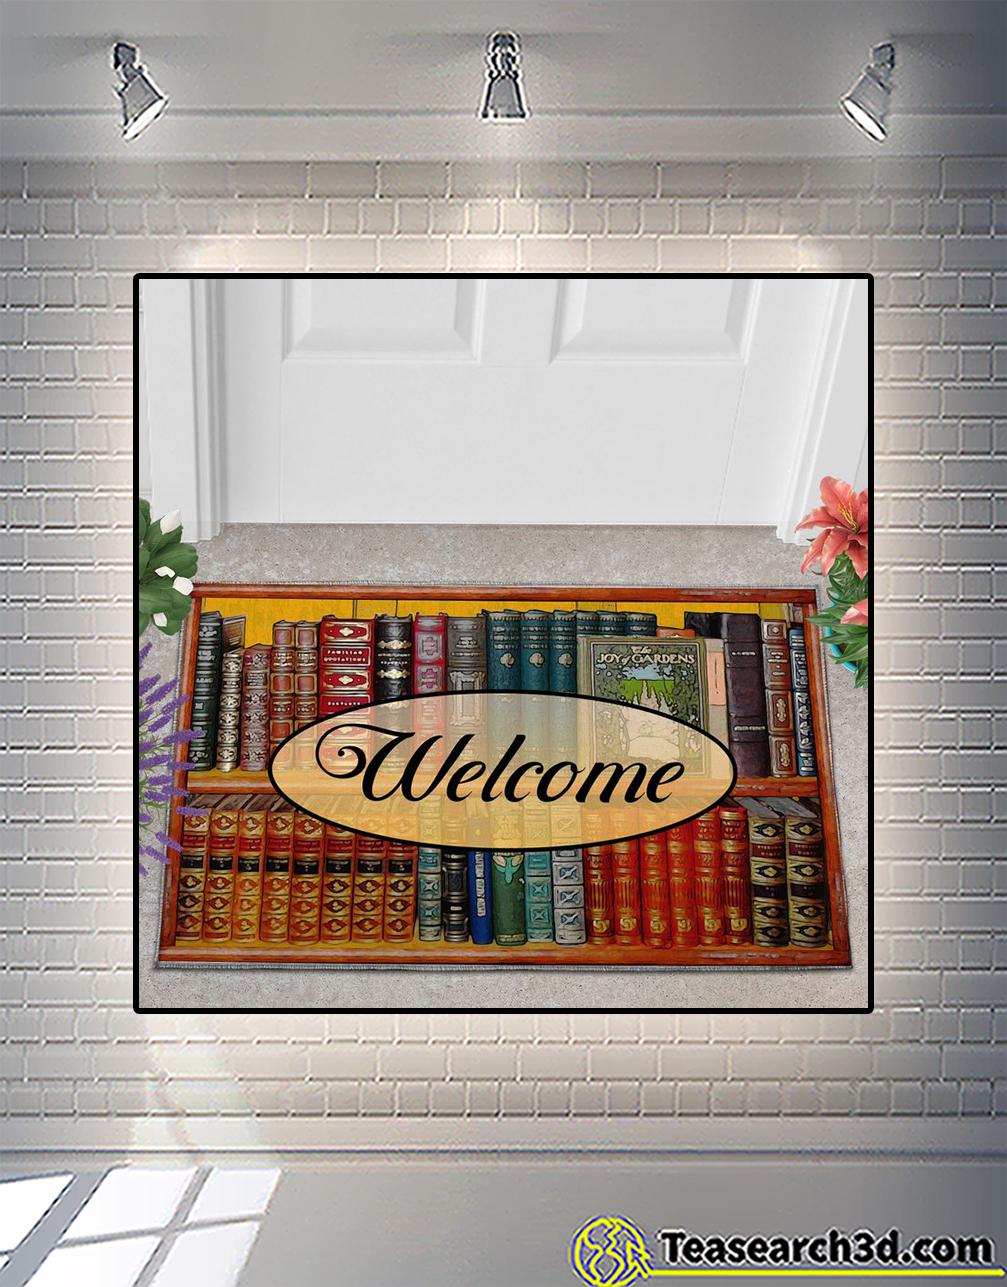 Welcome to my reading room doormat